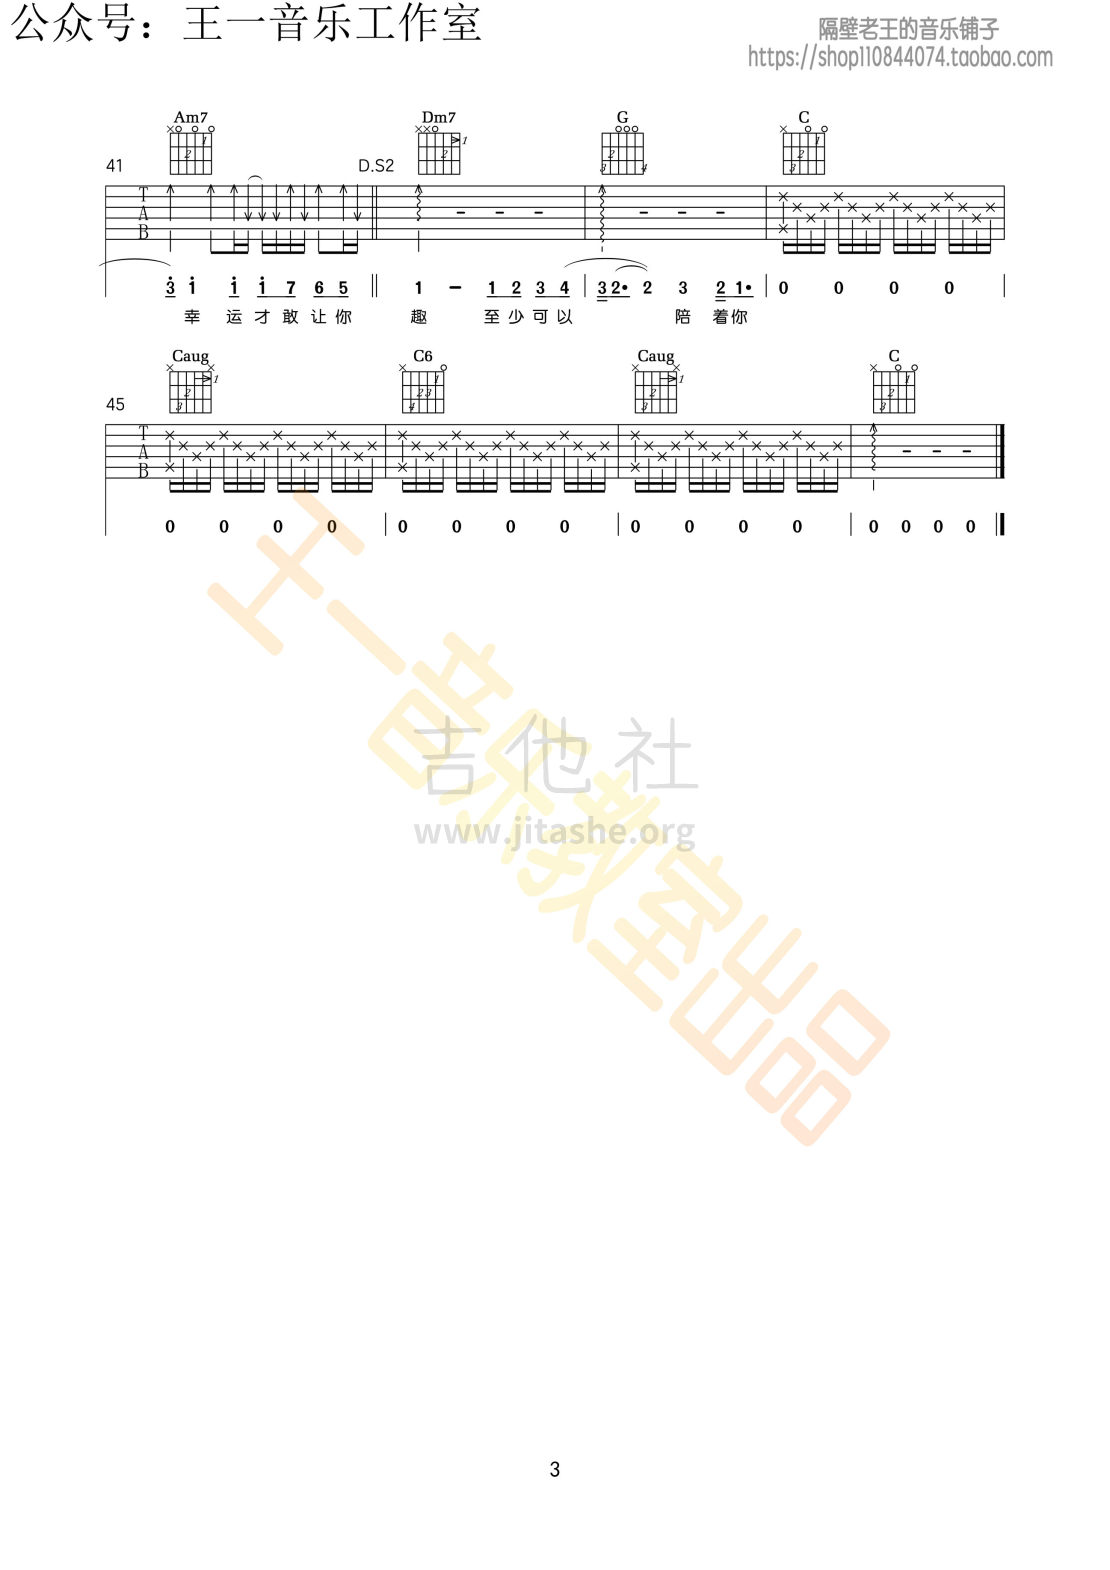 水星记吉他谱(图片谱,弹唱,王一吉他)_郭顶_水星记3.jpg